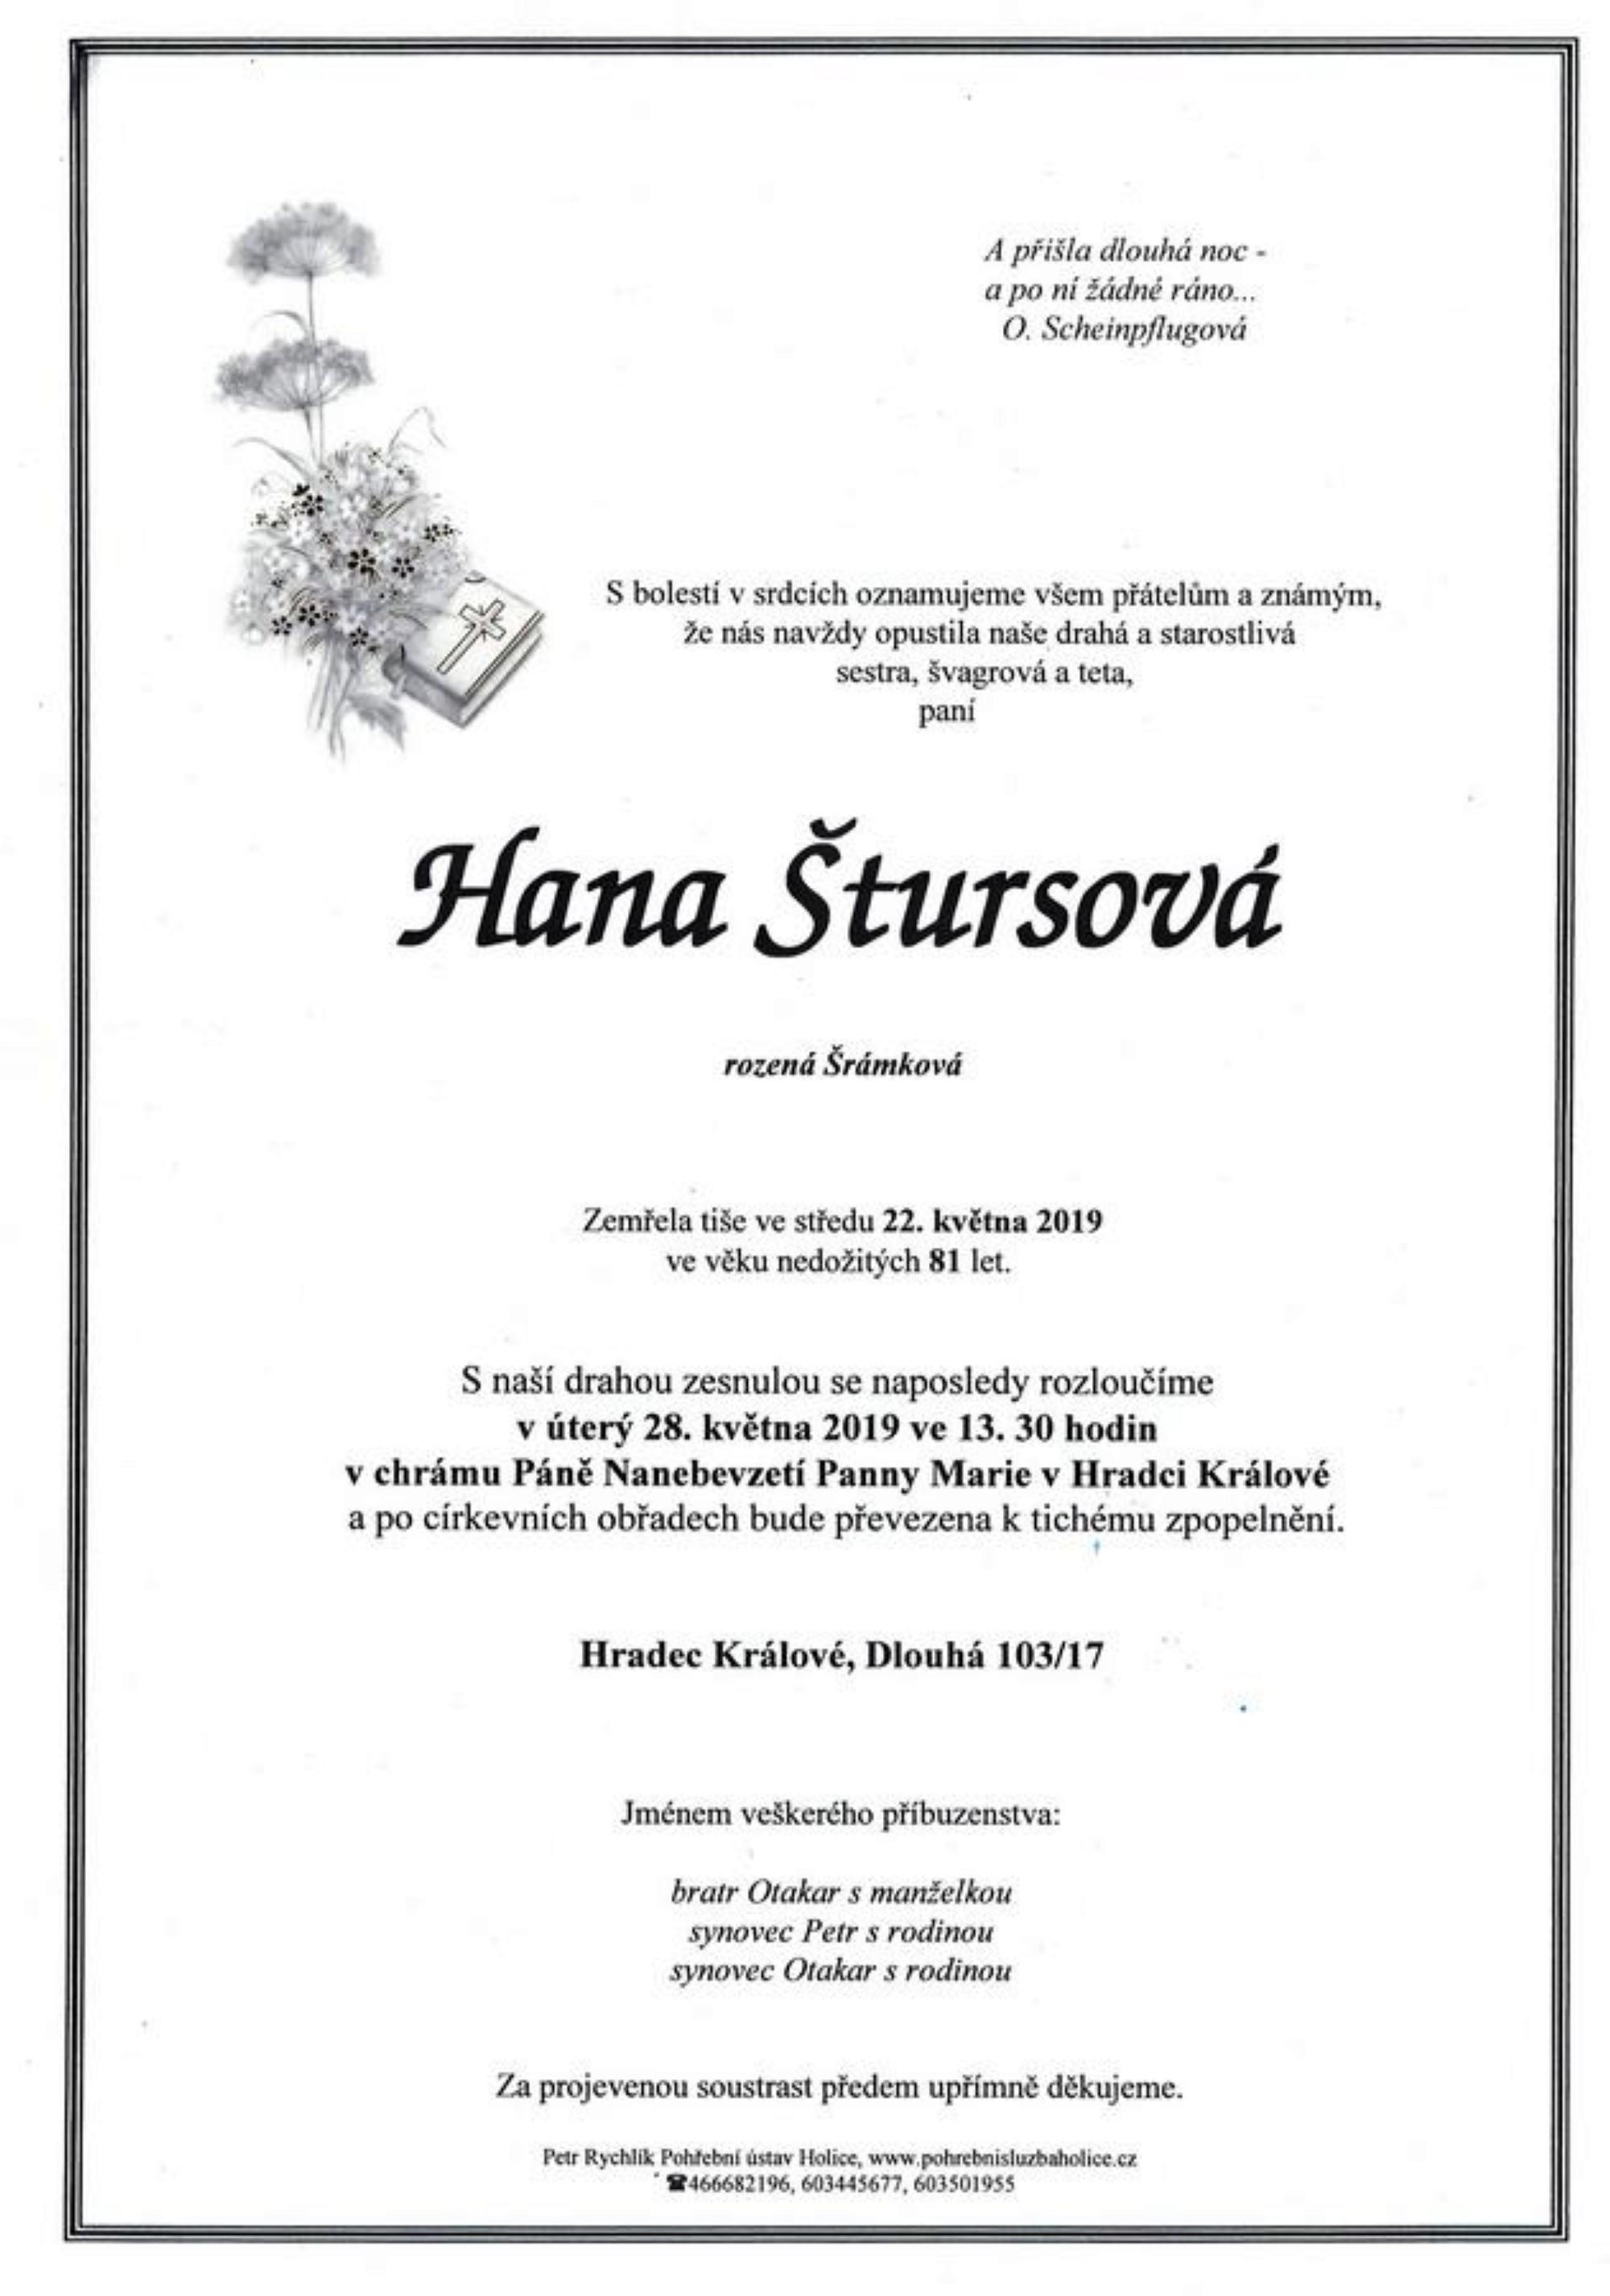 Hana Štursová